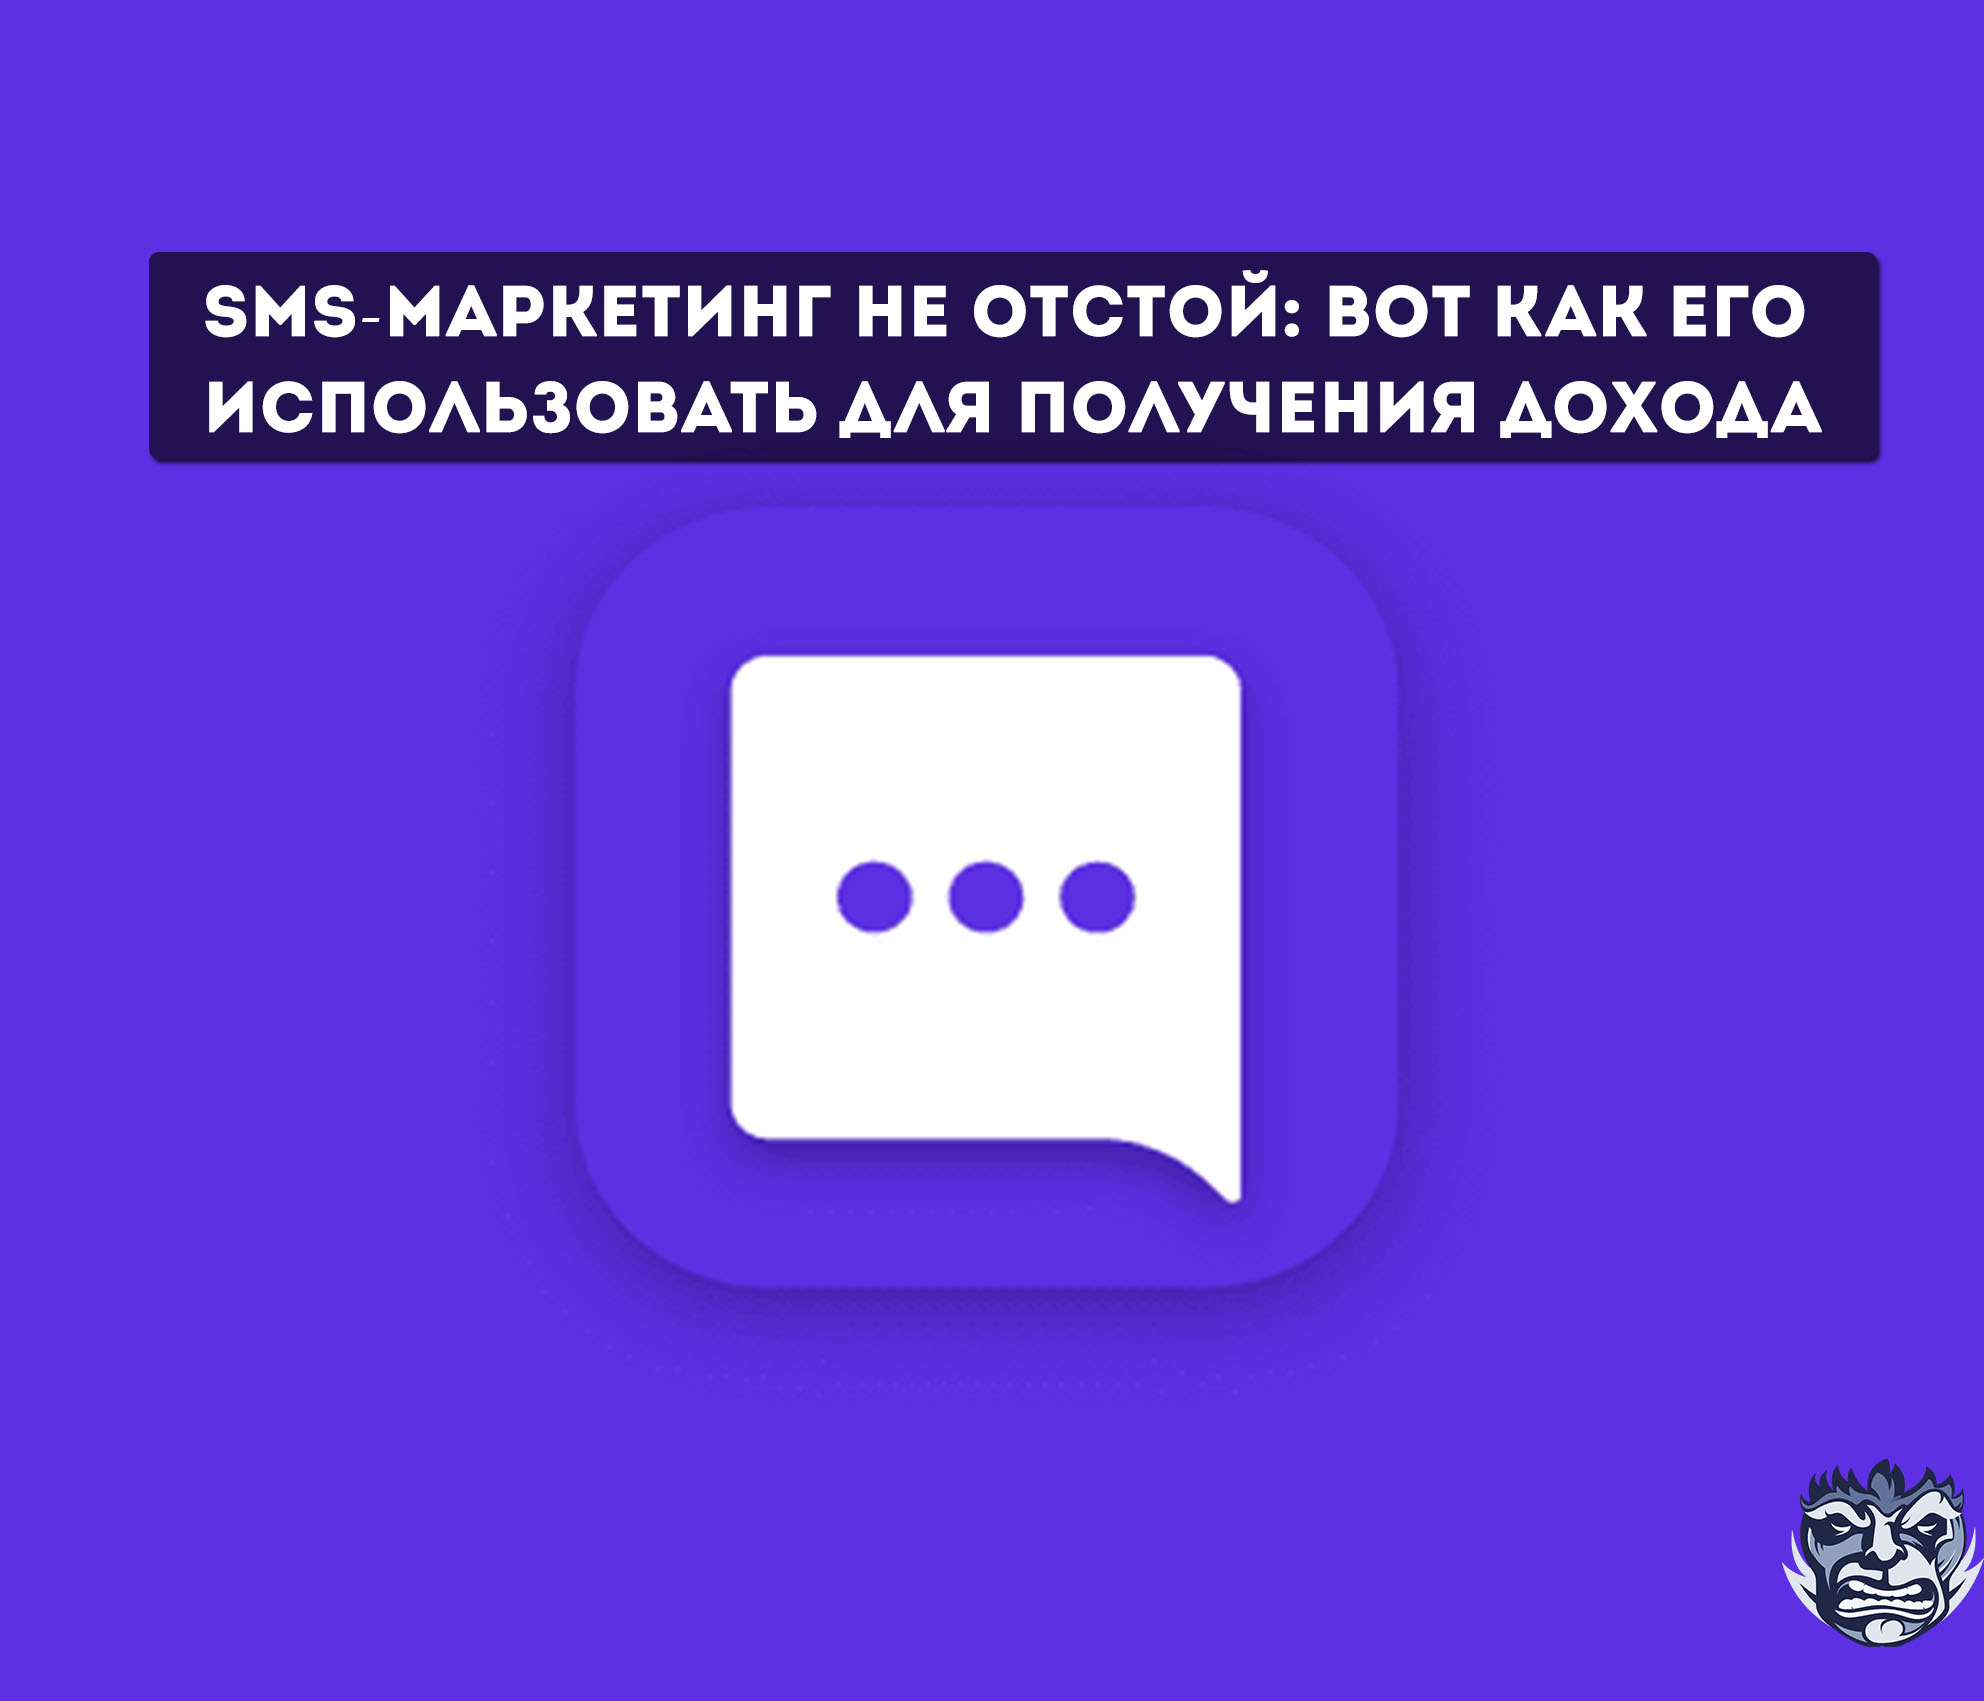 SMS-маркетинг не отстой: вот как его использовать для получения дохода